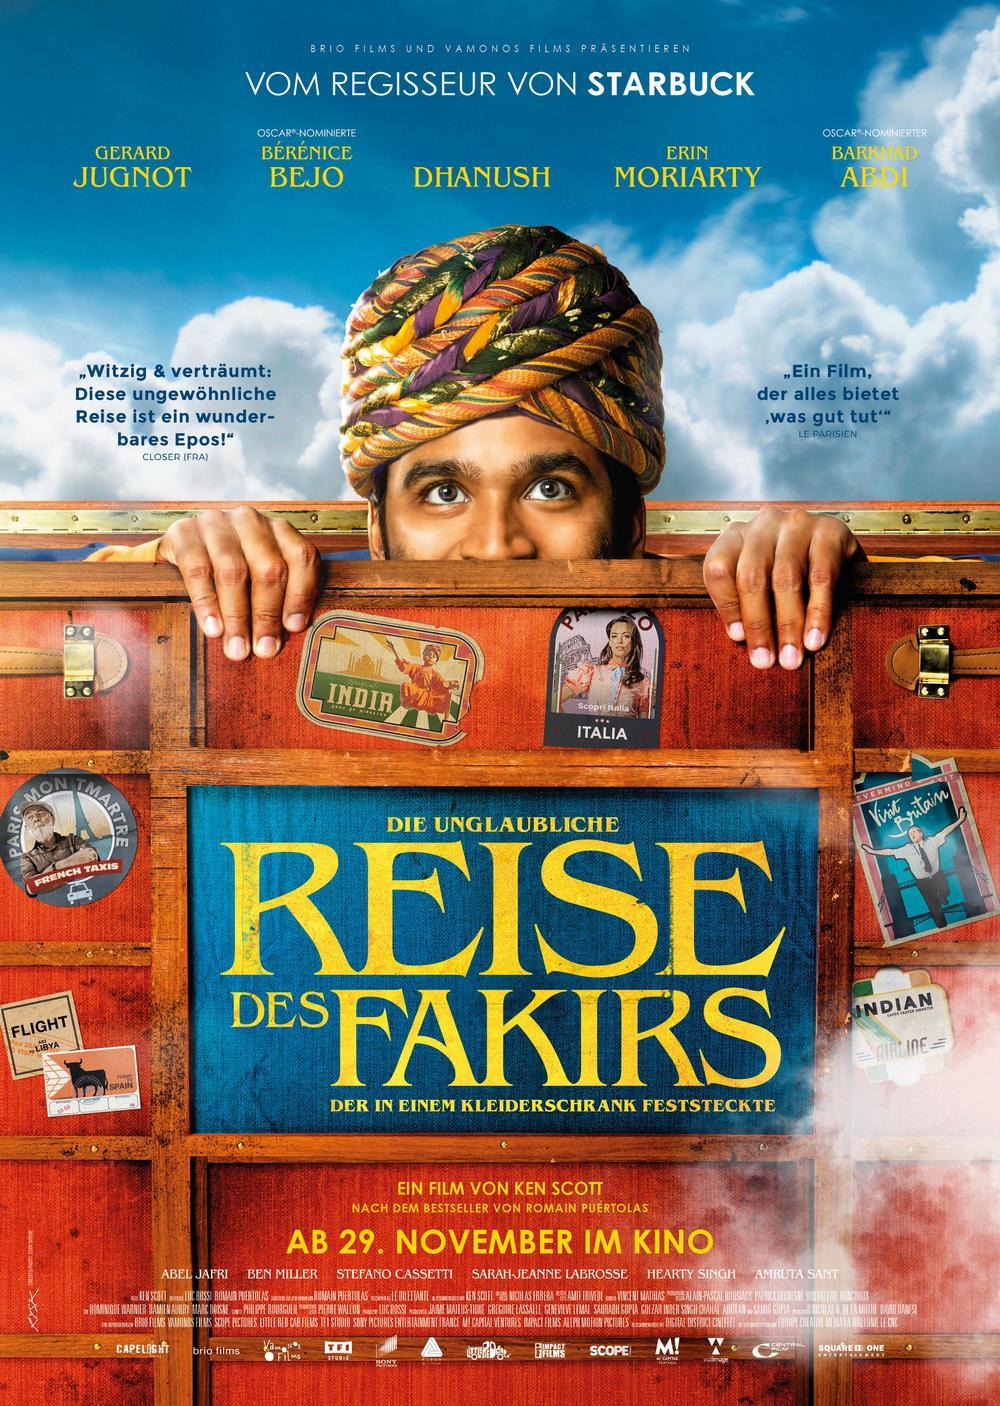 Die Unglaubliche Reise Des Fakirs Film